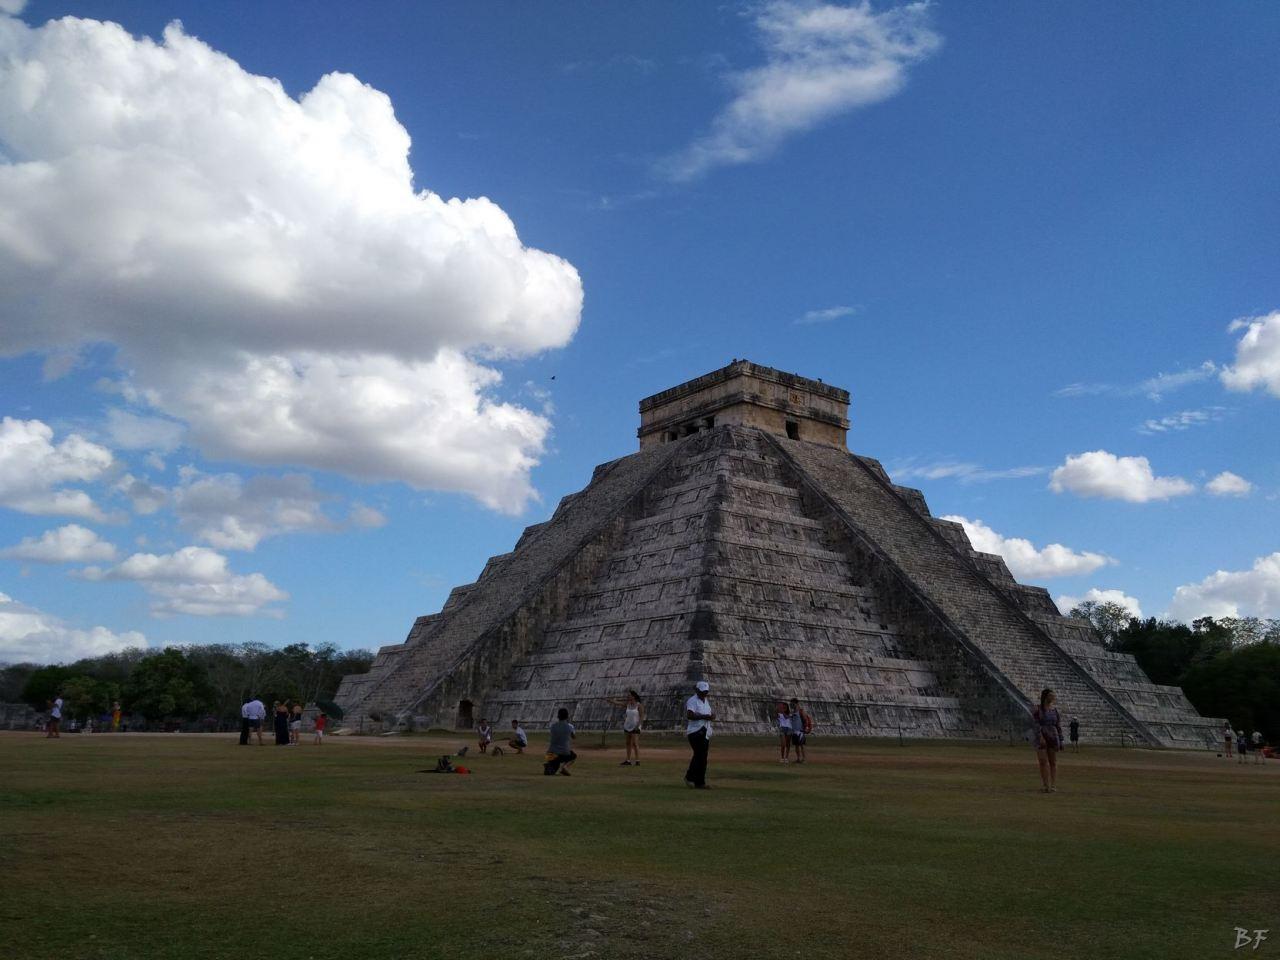 Sito-Megalitico-Maya-Chichen-Itza-Yucatan-Messico-3